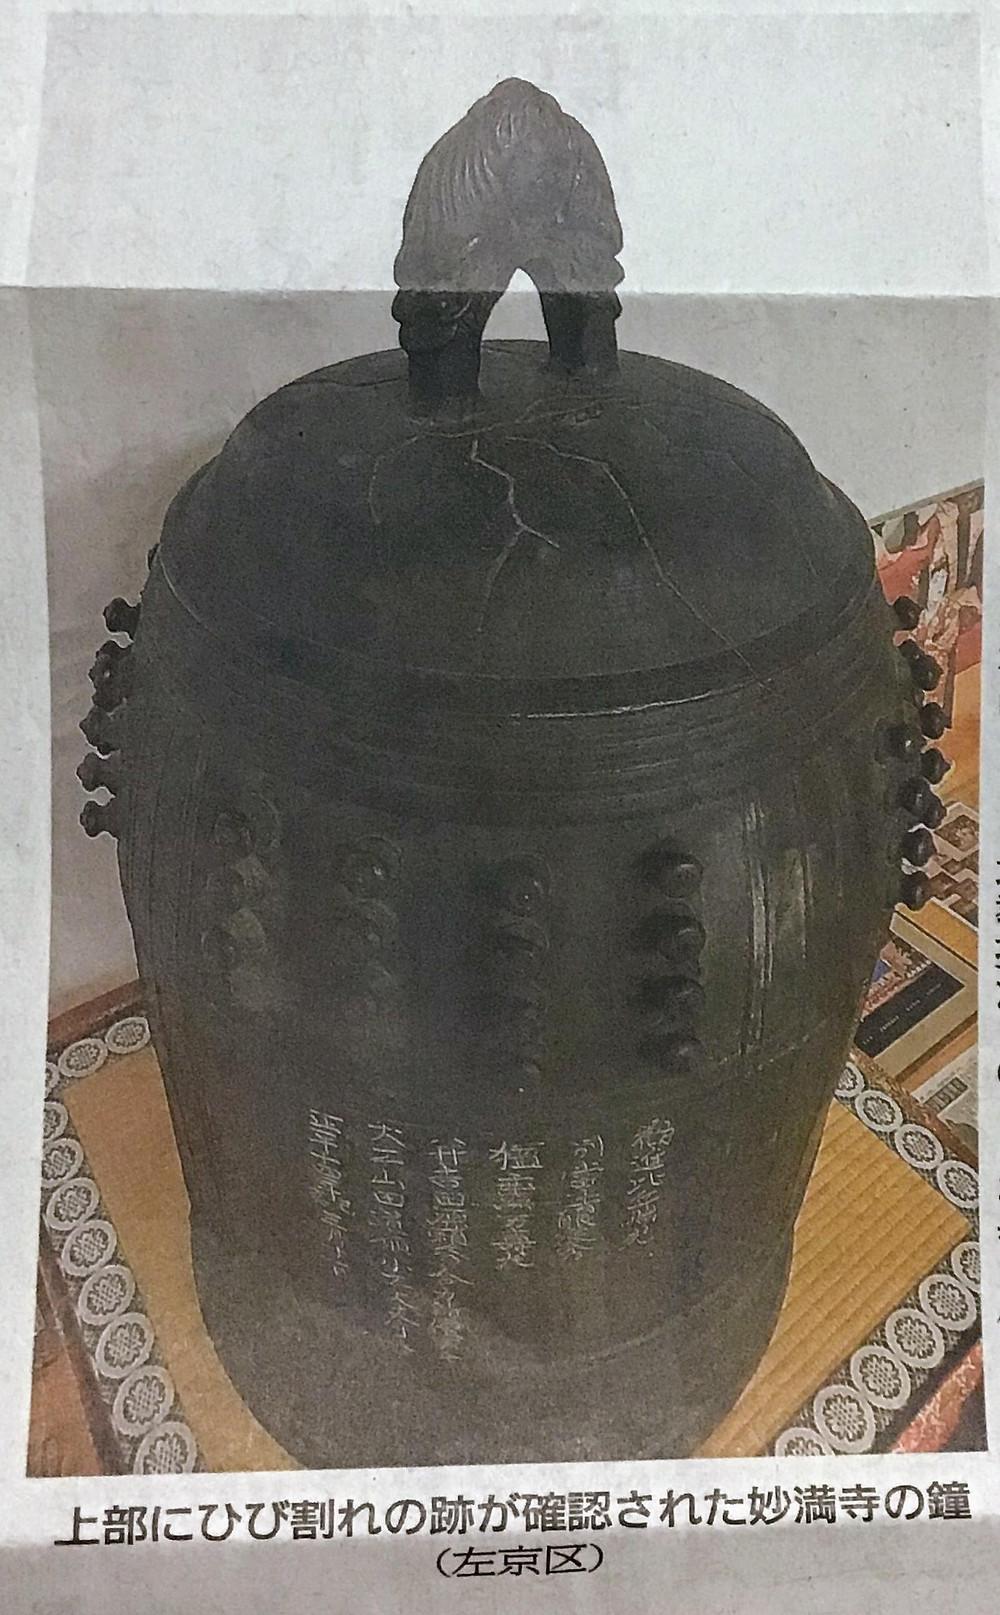 妙満寺の釣鐘/ bell at Myomanji